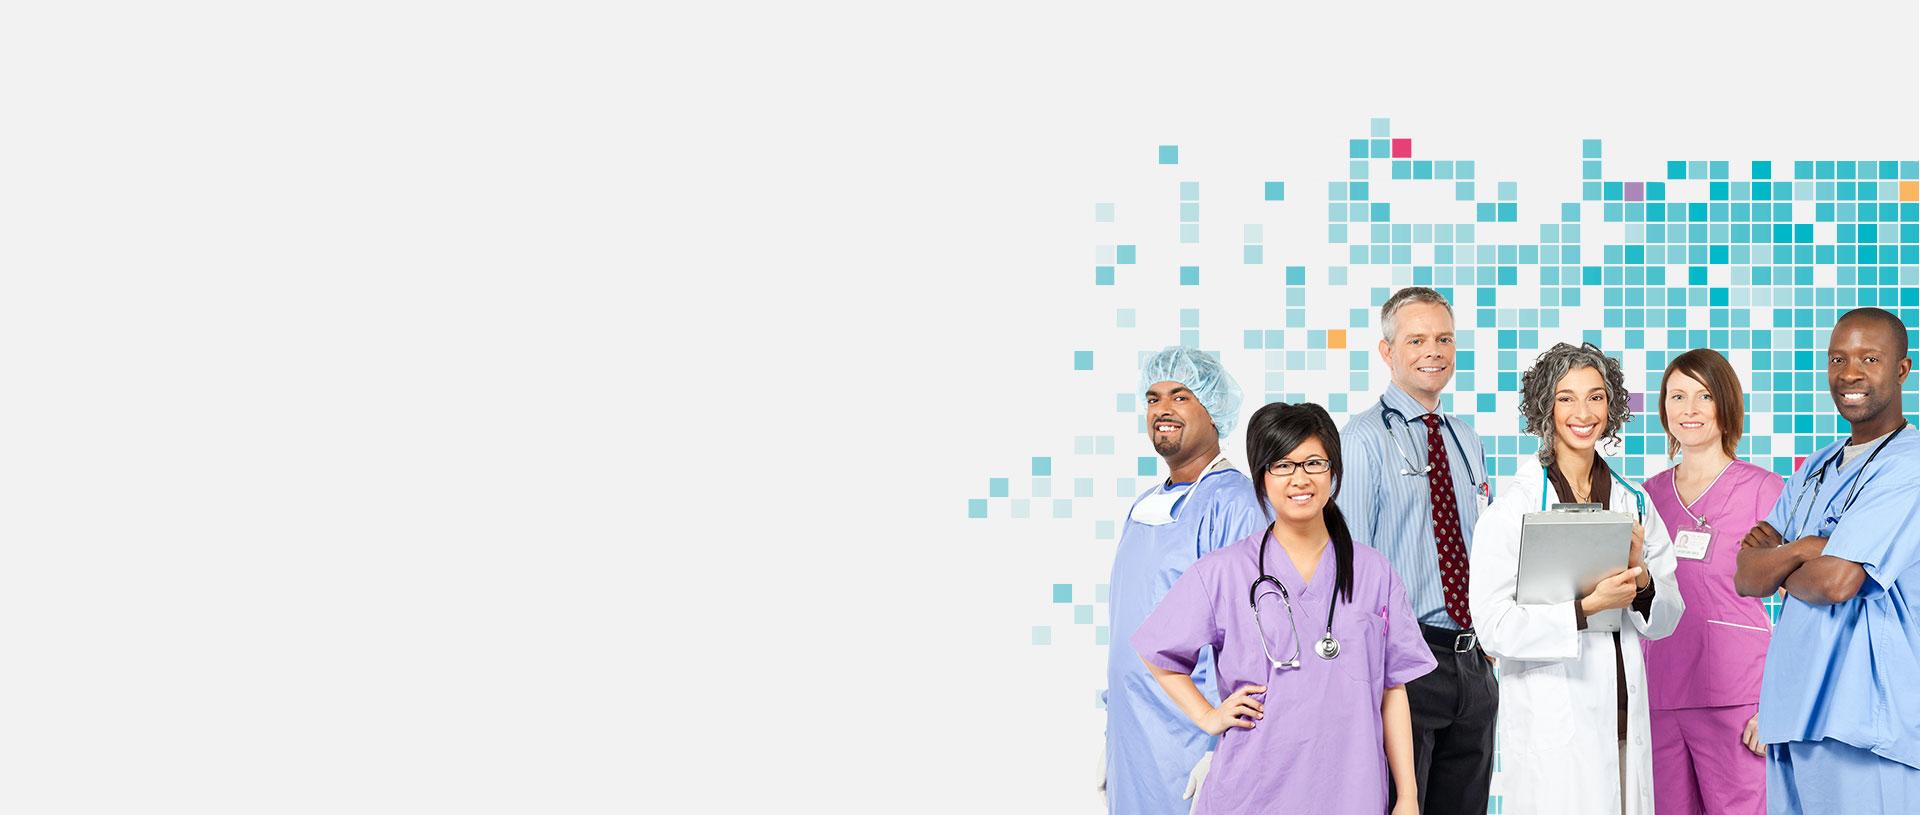 Hospitals background image